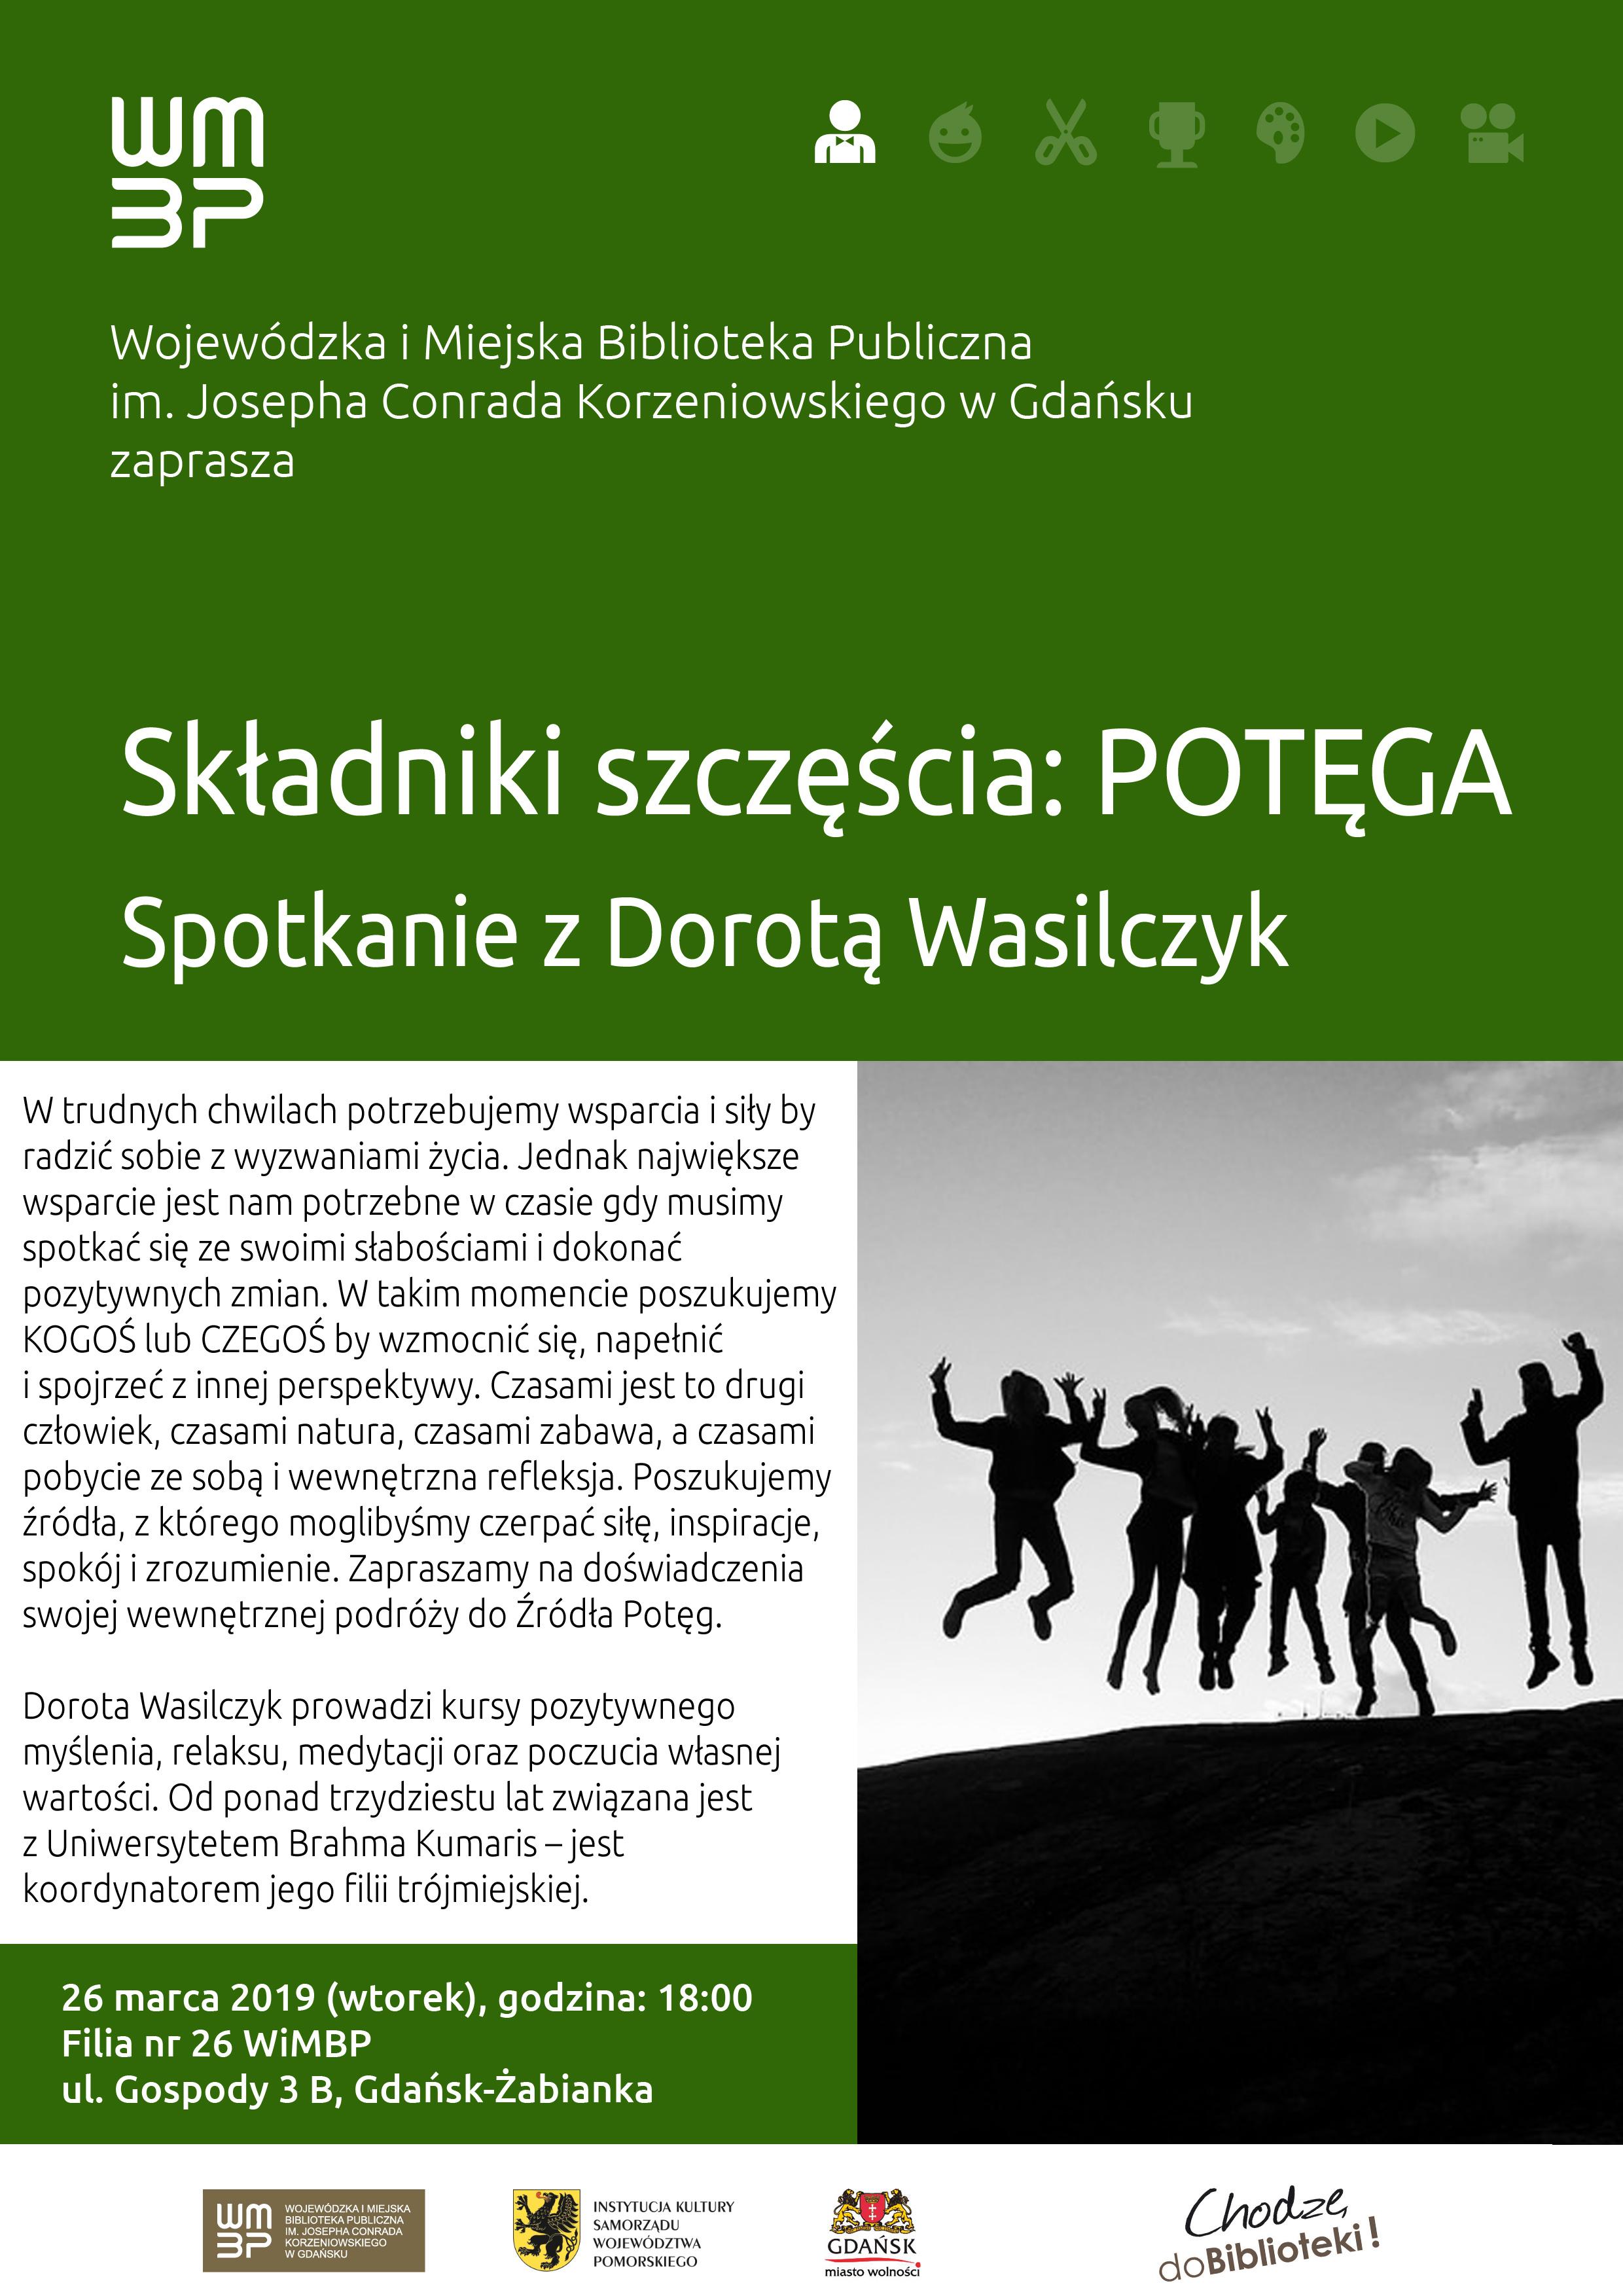 Składniki szczęścia: Potęga. Spotkanie w Gdańsku @ Wojewódzka i Miejska Biblioteka Publiczna nr 26 w Gdańsku